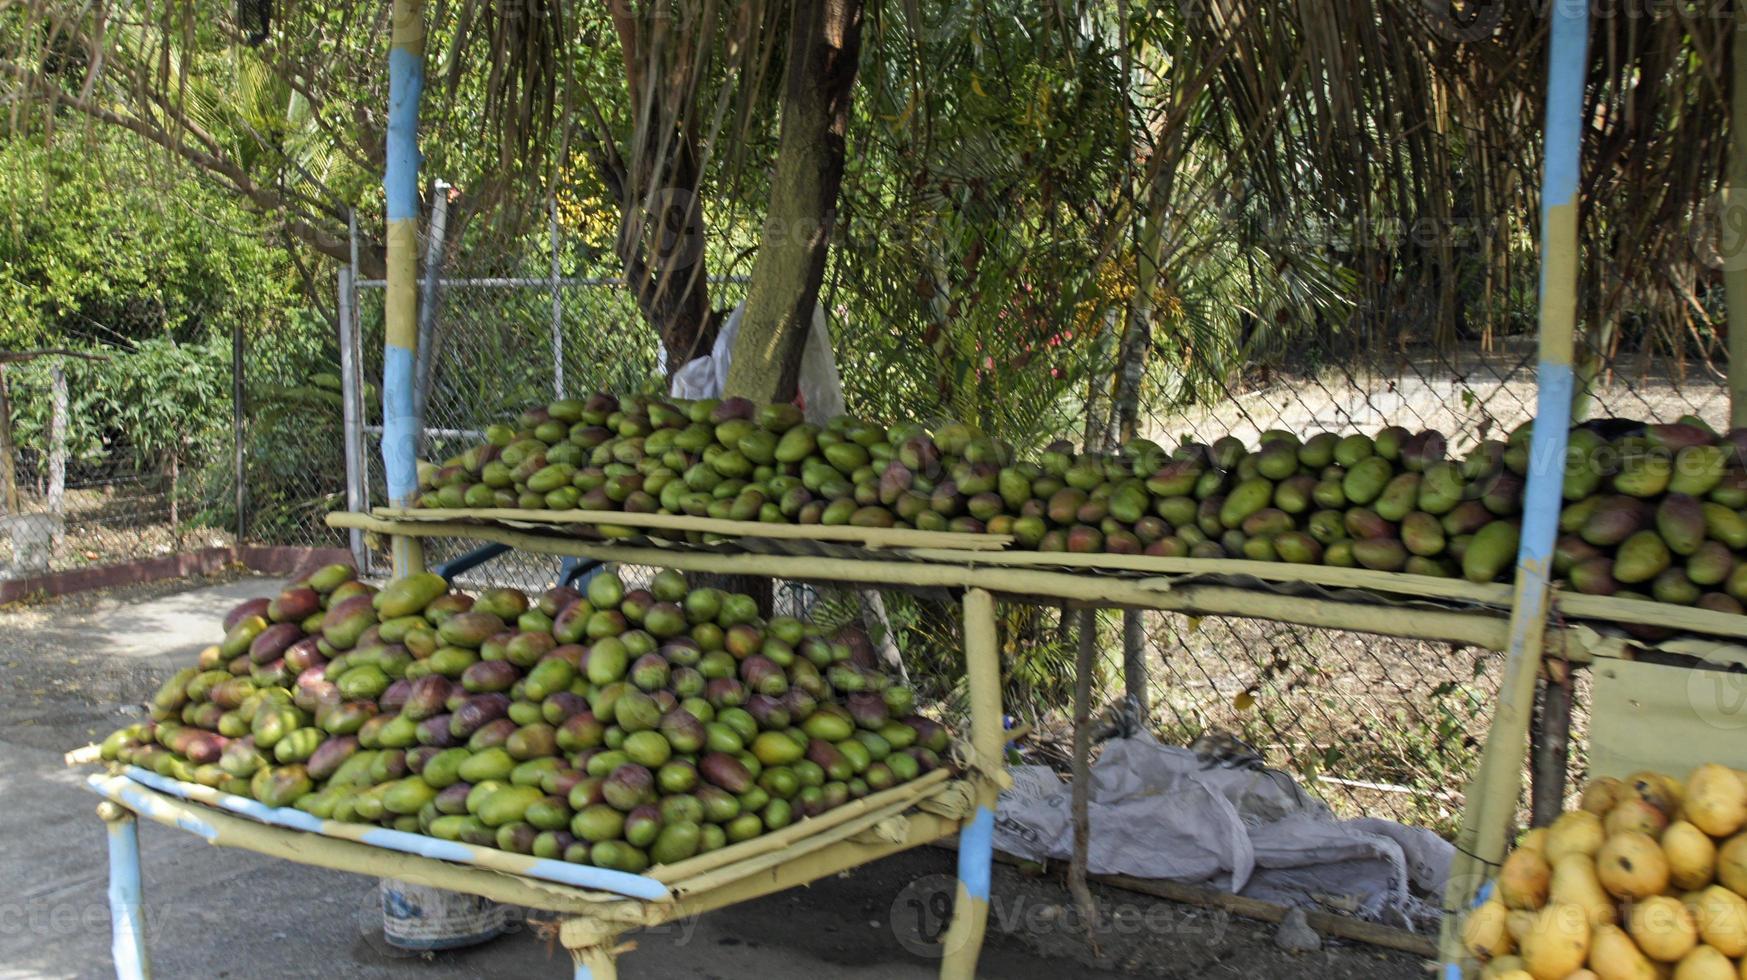 mercato della frutta foto